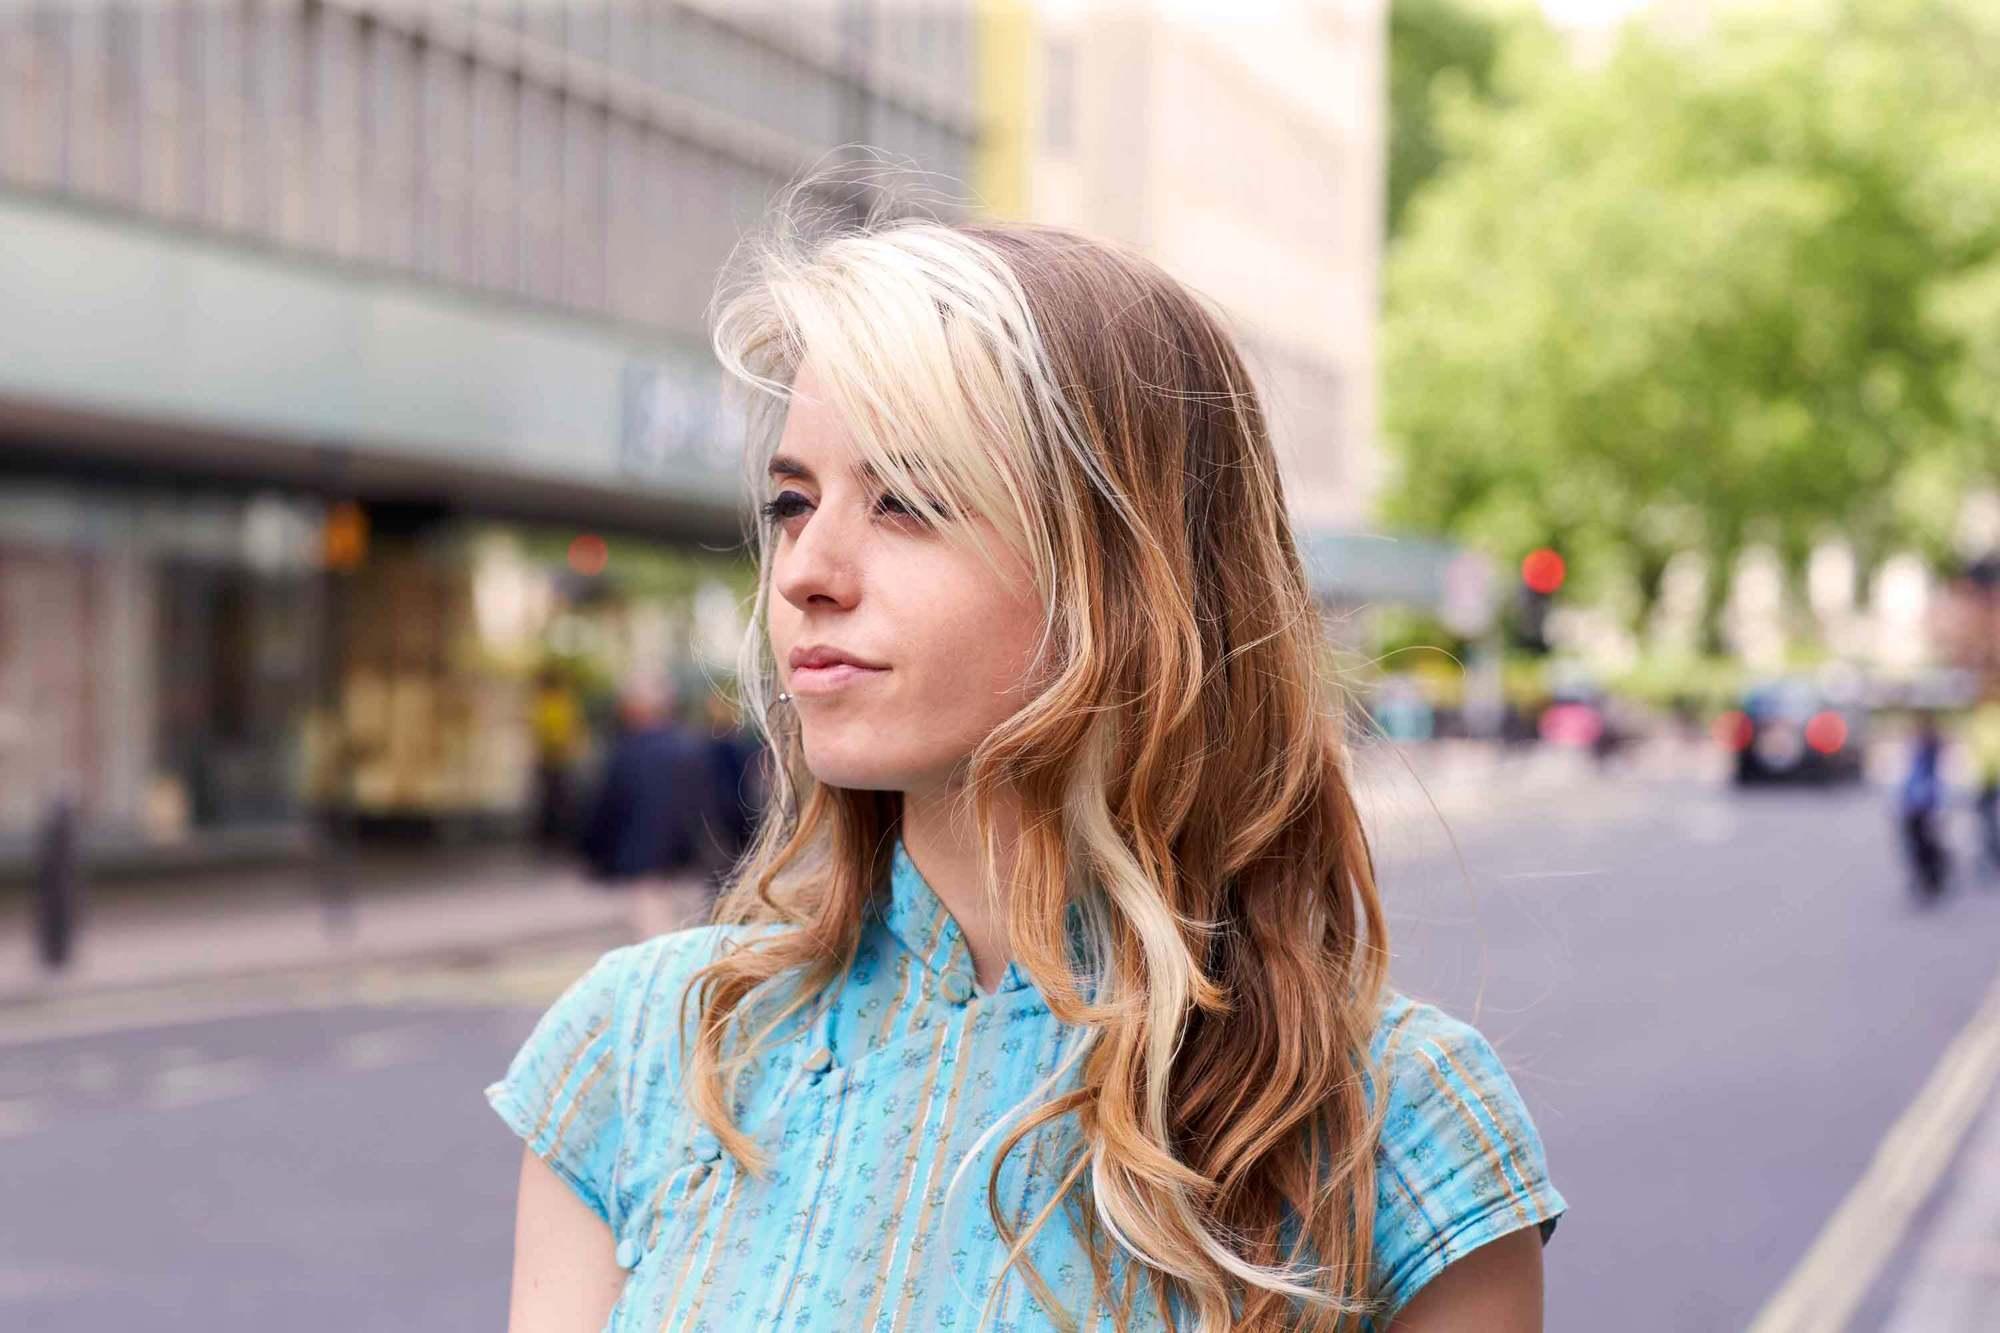 blonde hair streaks in brown hair bangs